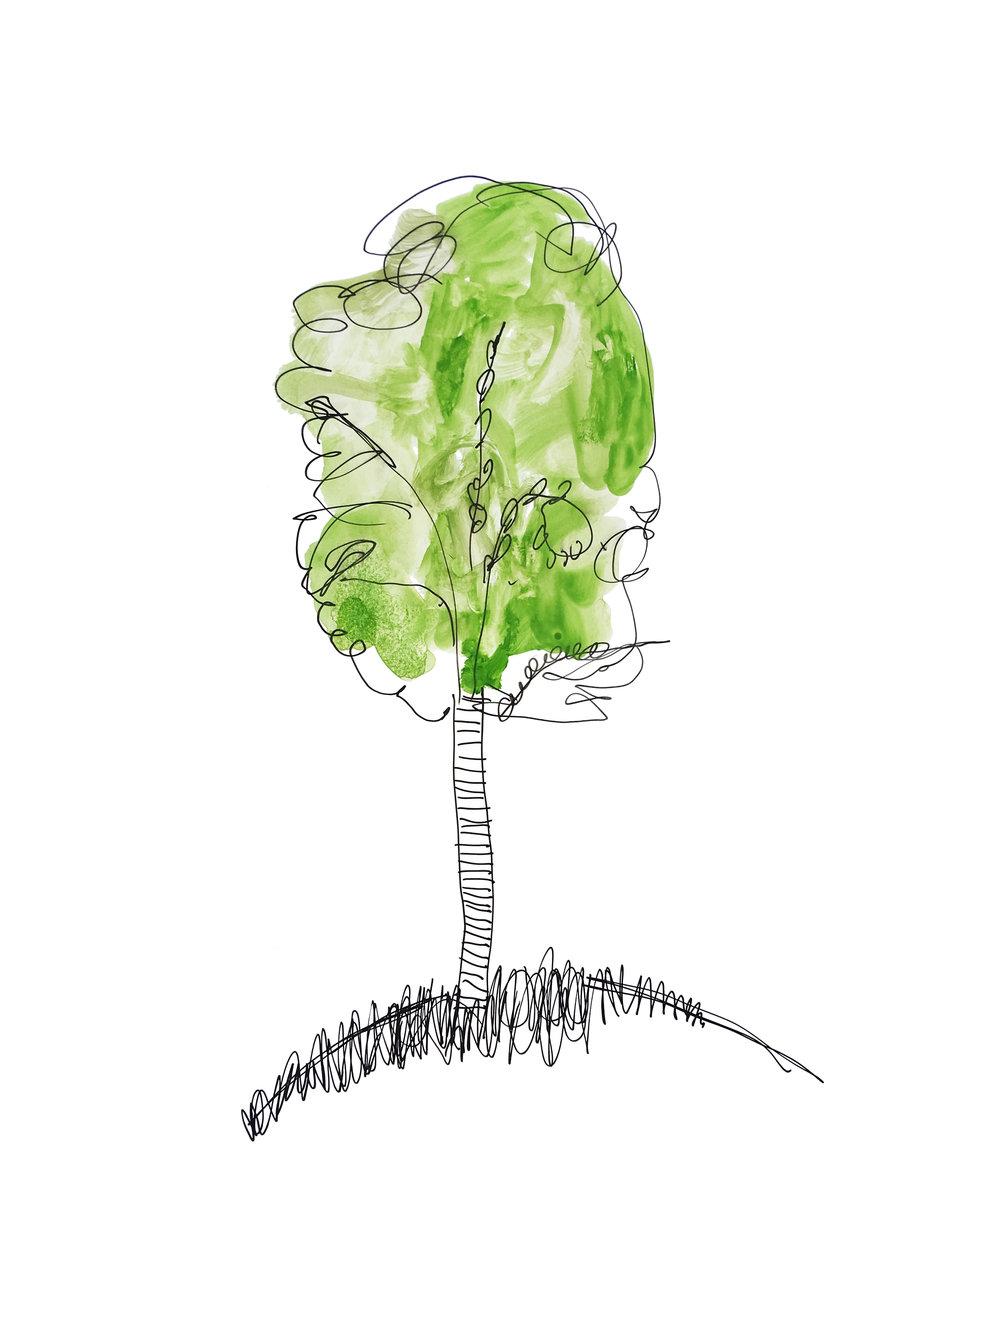 Thebirchtreeisgrowingfast.jpg